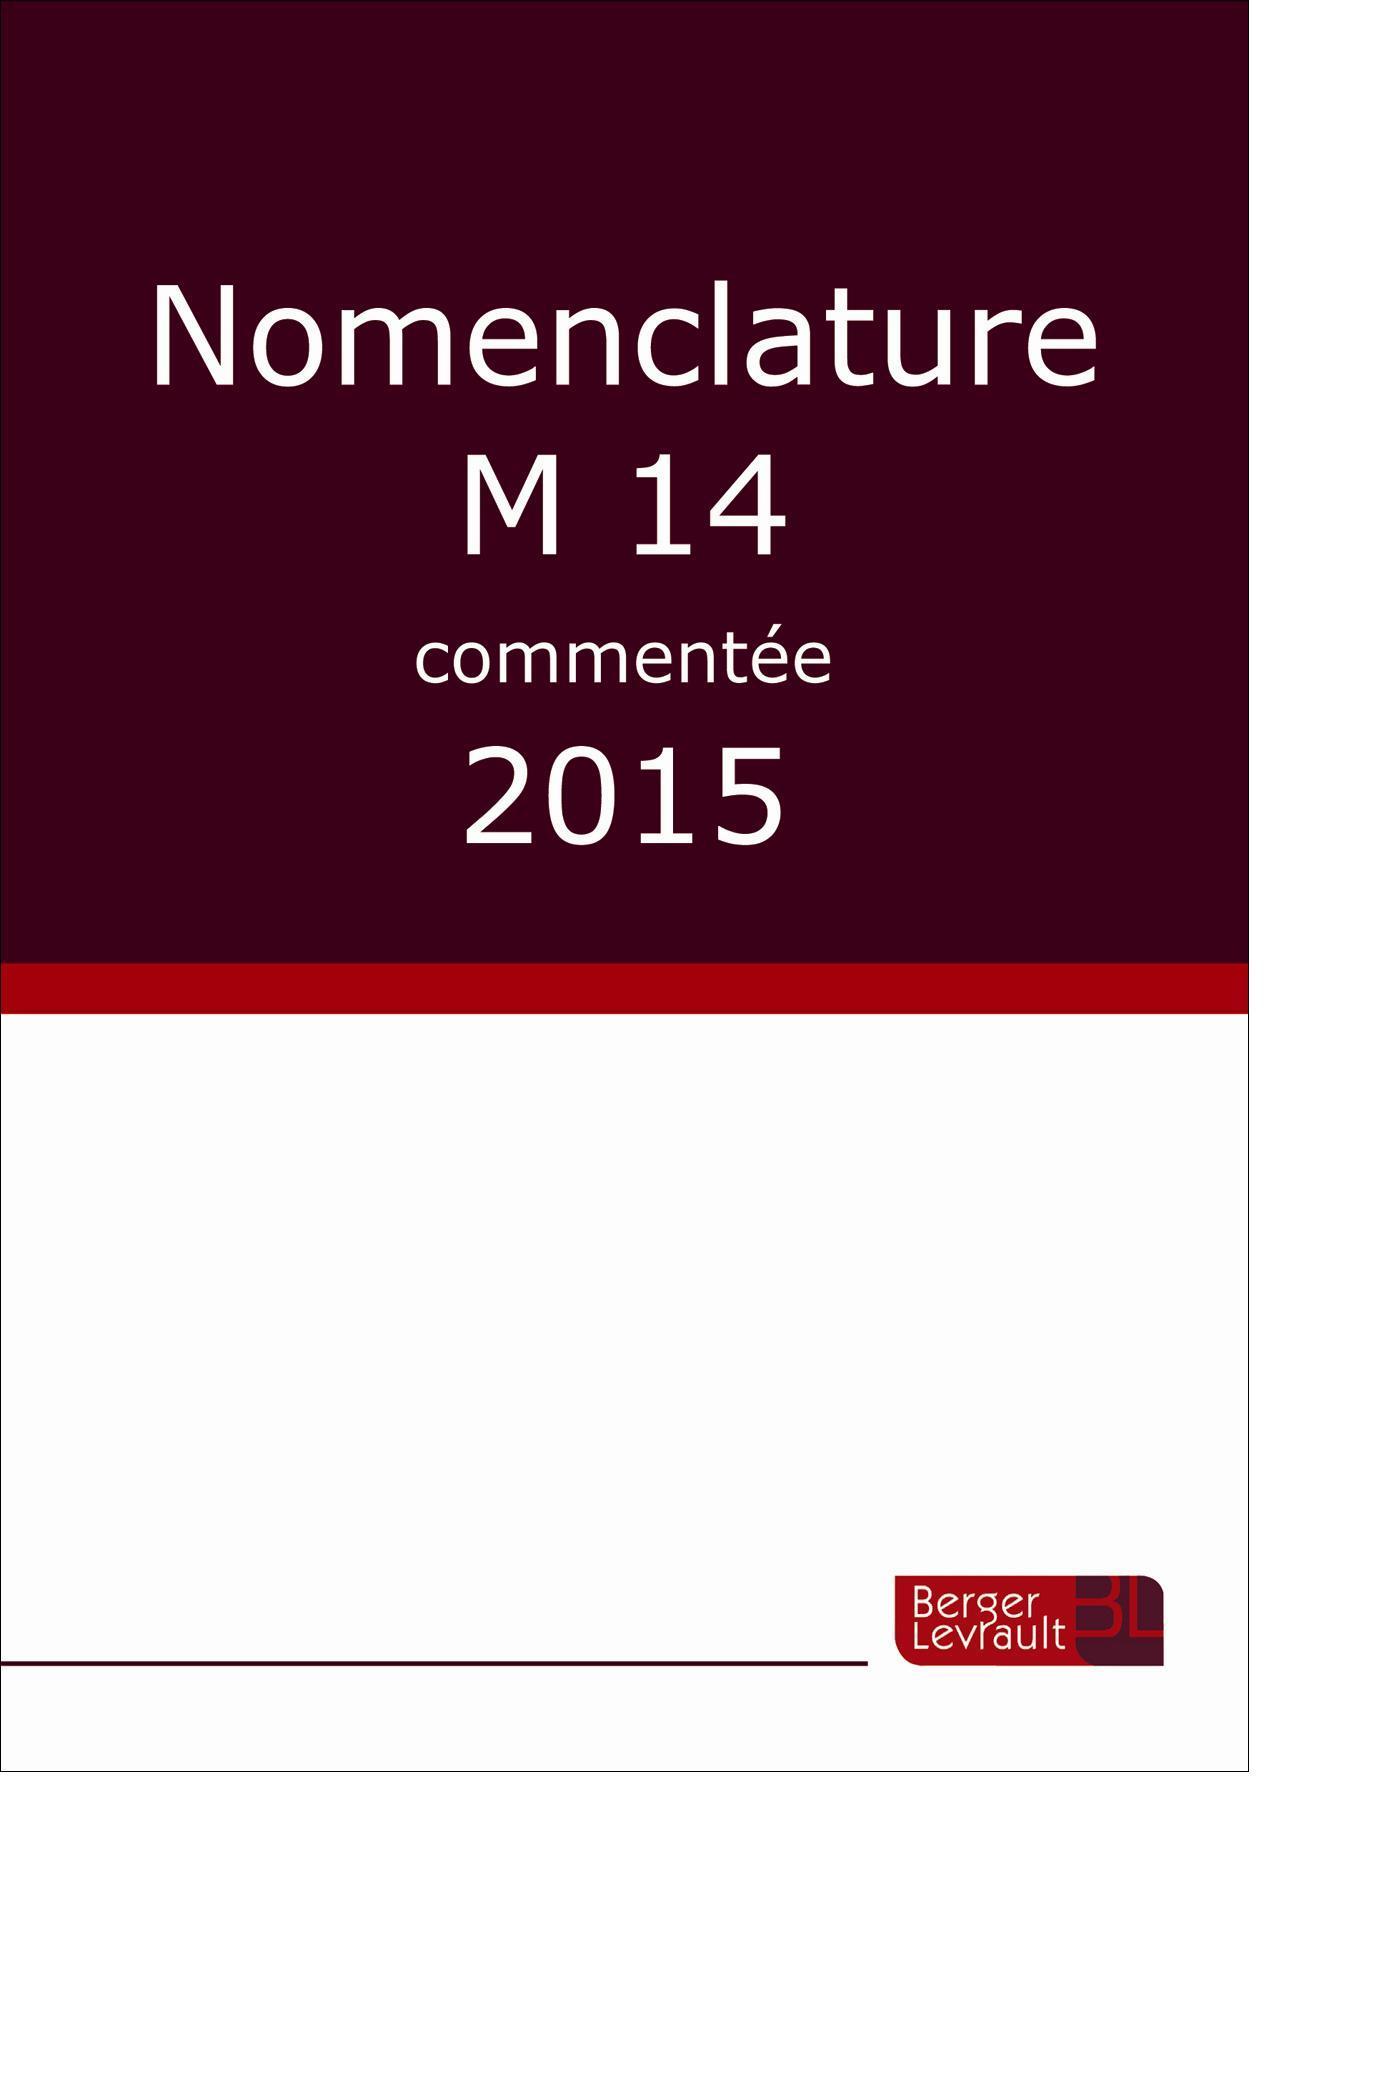 NOMENCLATURE M14 COMMENTEE 2015